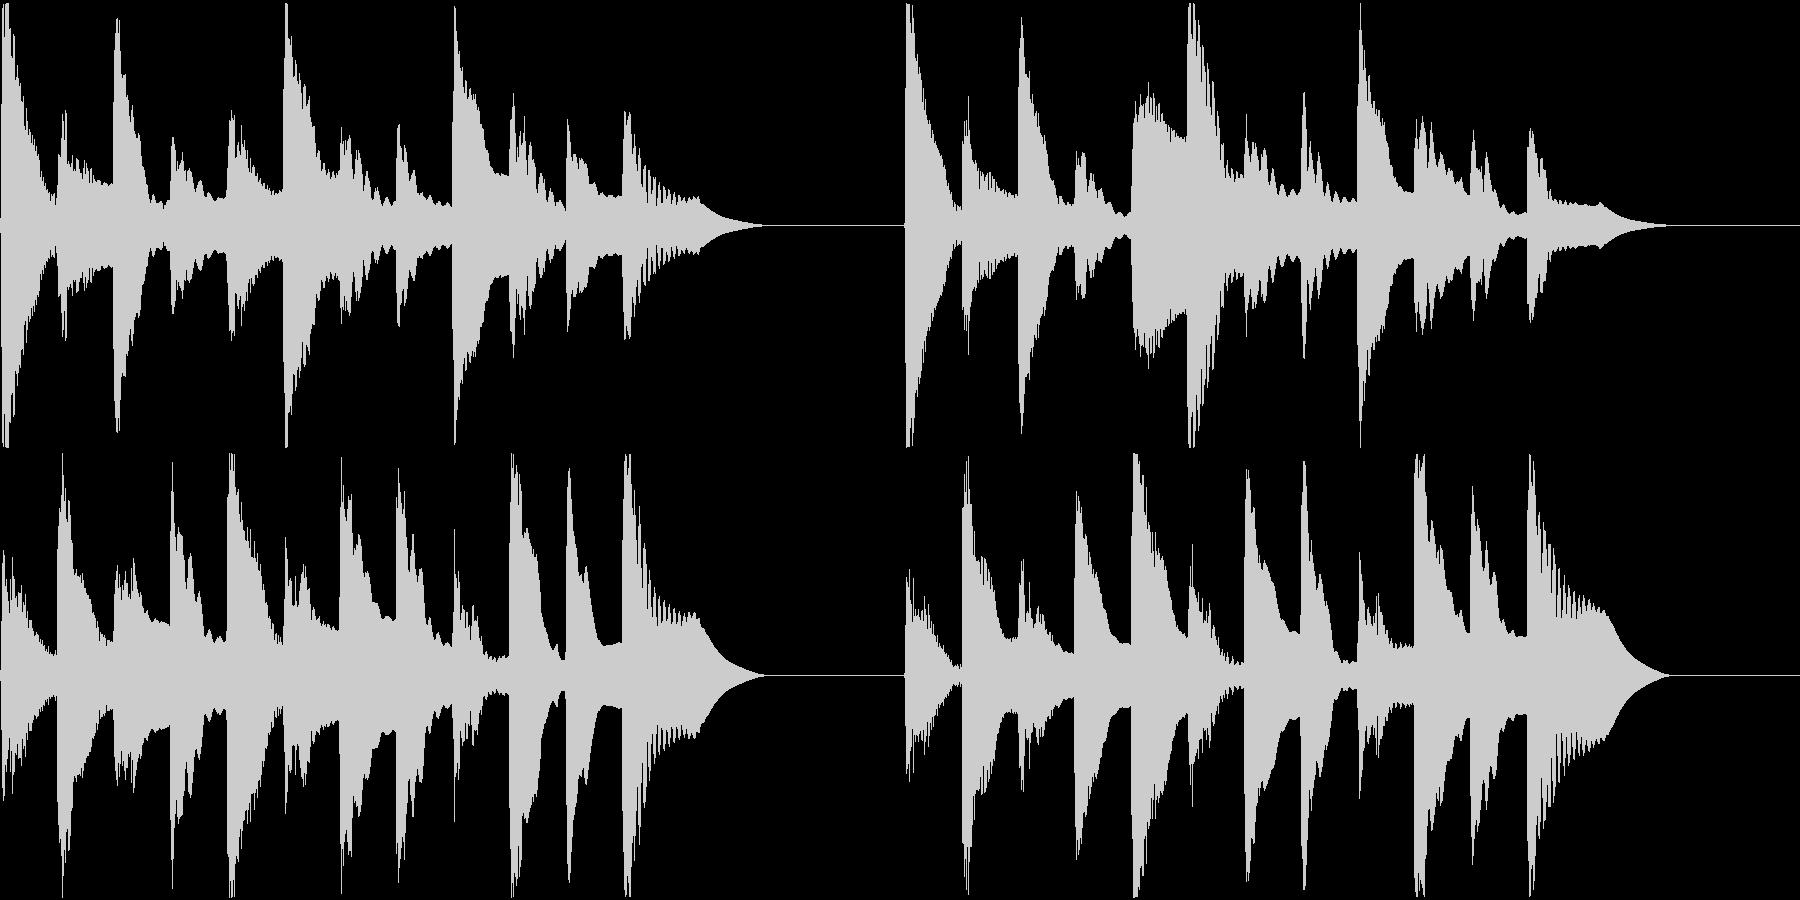 着信音 ループ お知らせ 通知 6の未再生の波形